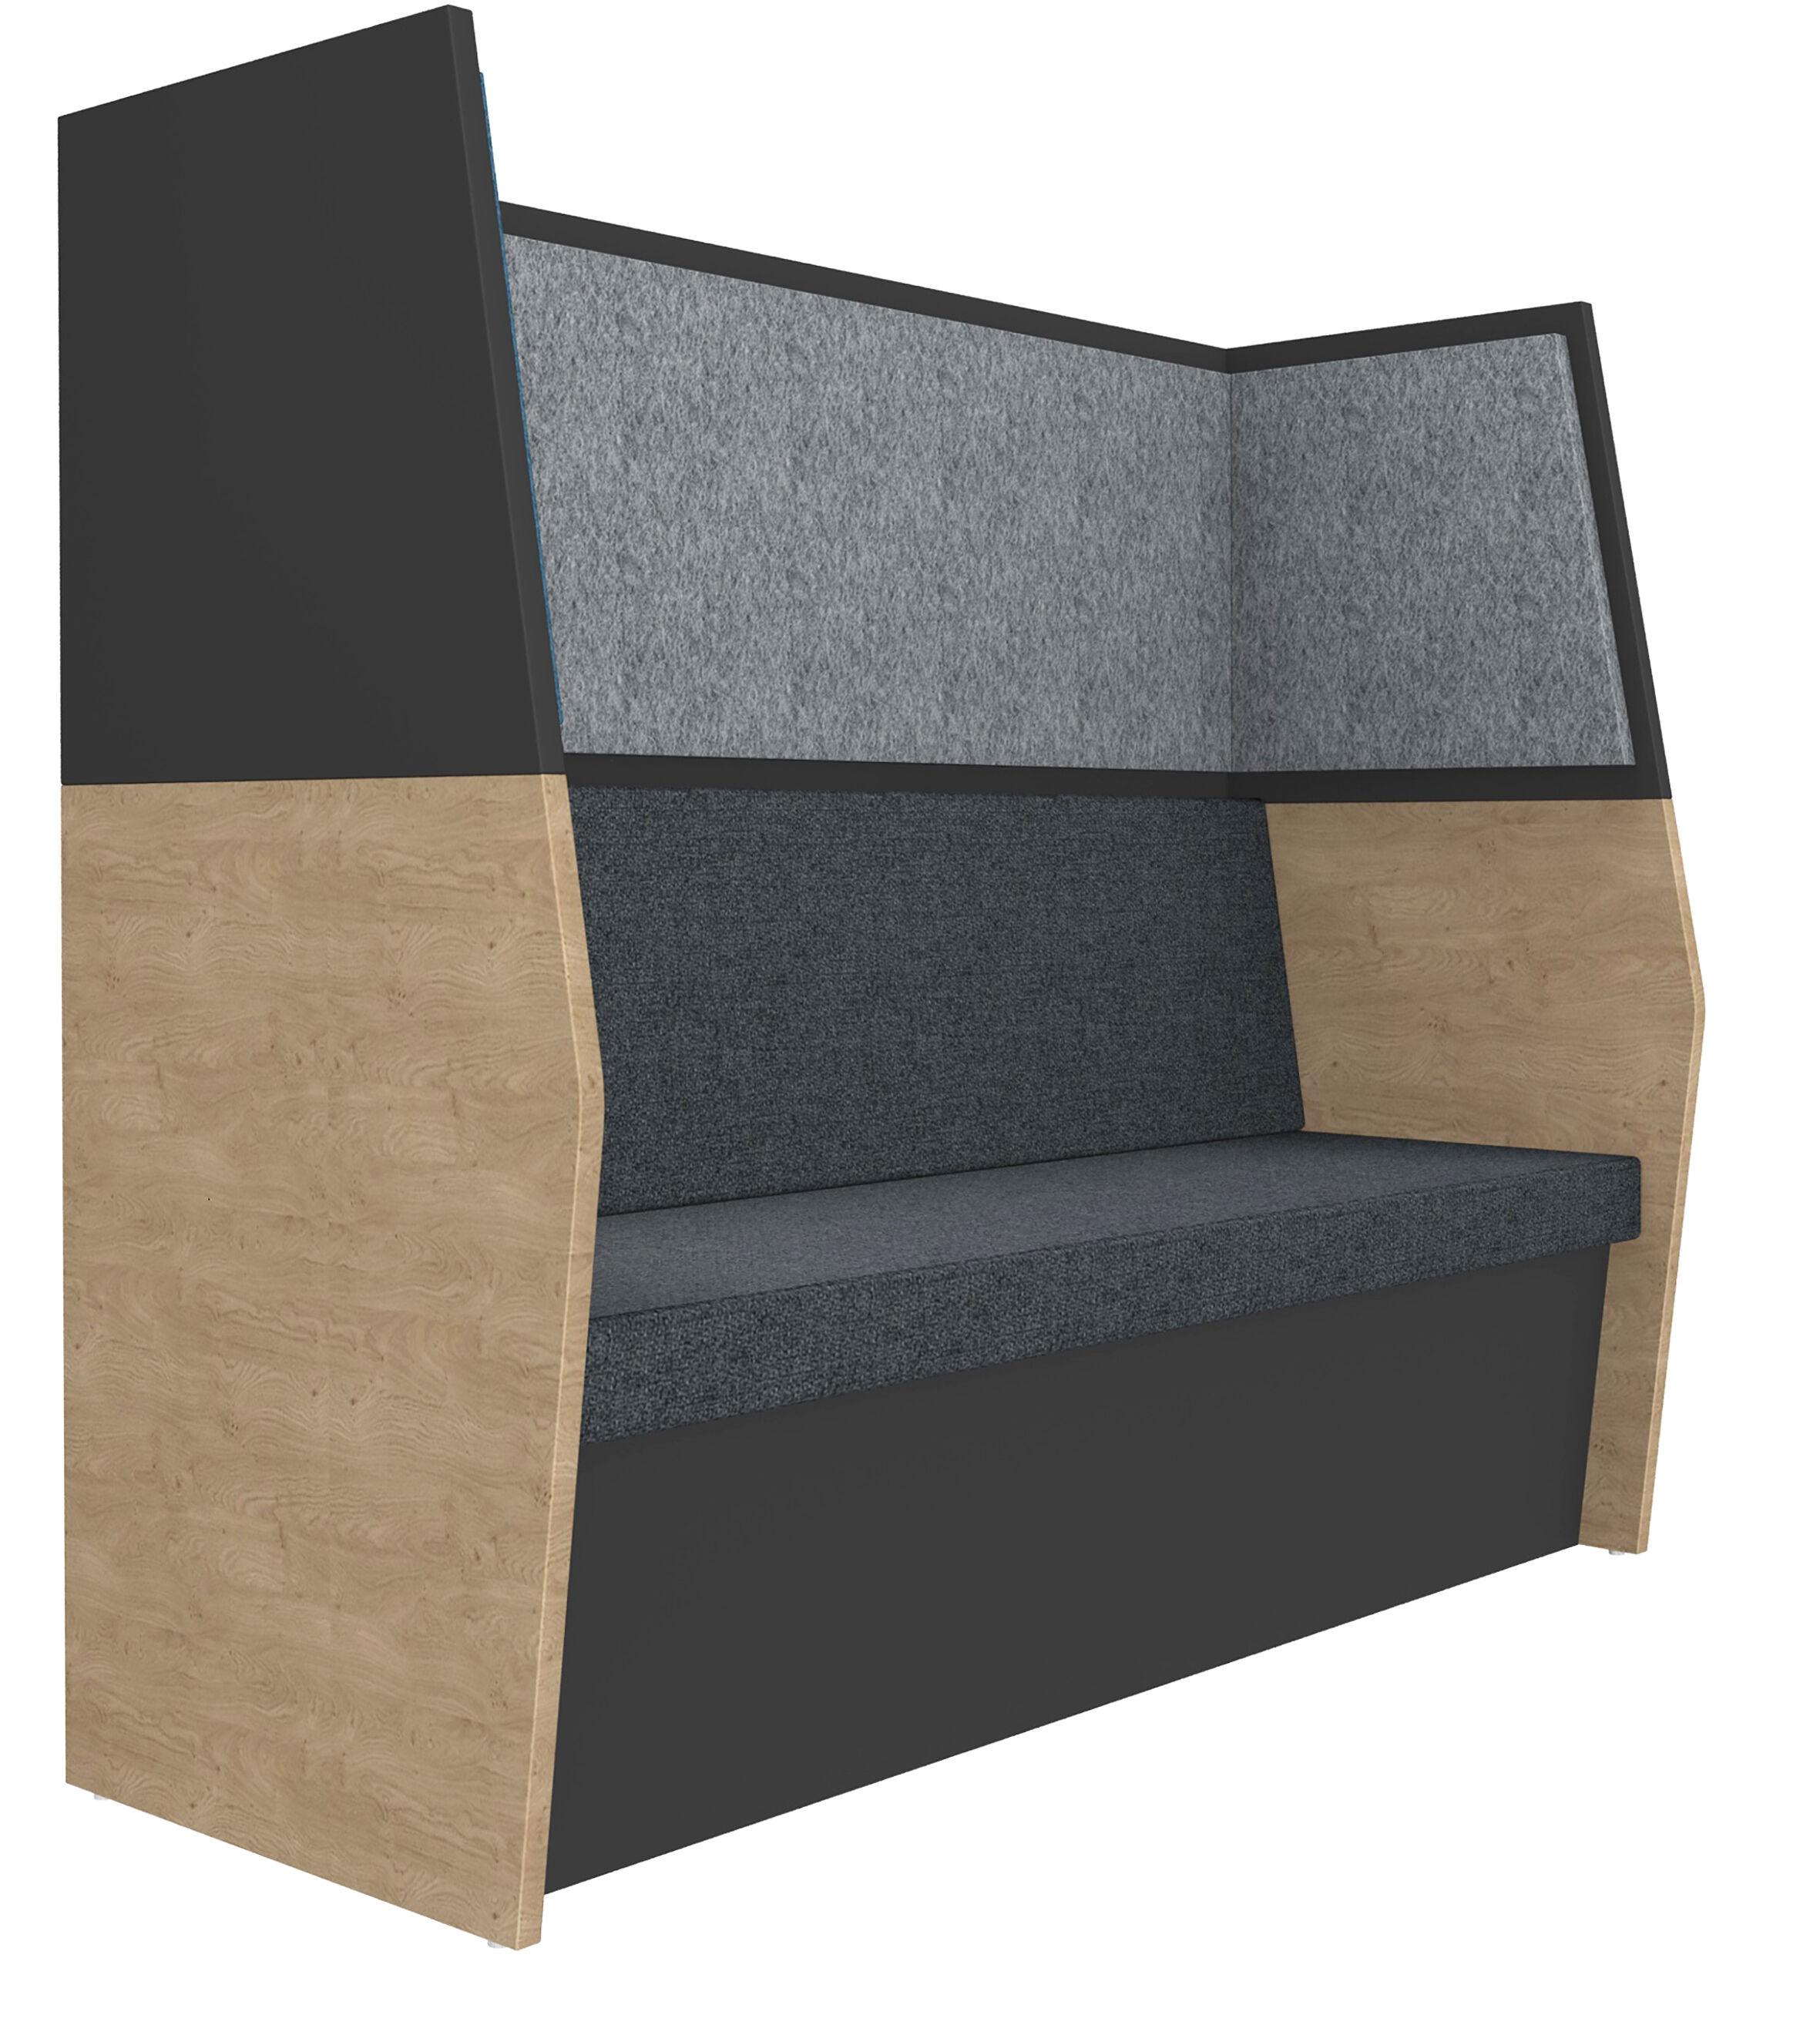 Banquette acoustique IN'TEAM - L170 x H 150 x P170 cm - 3 places - structure chêne clair et carbone - panneaux gris chiné